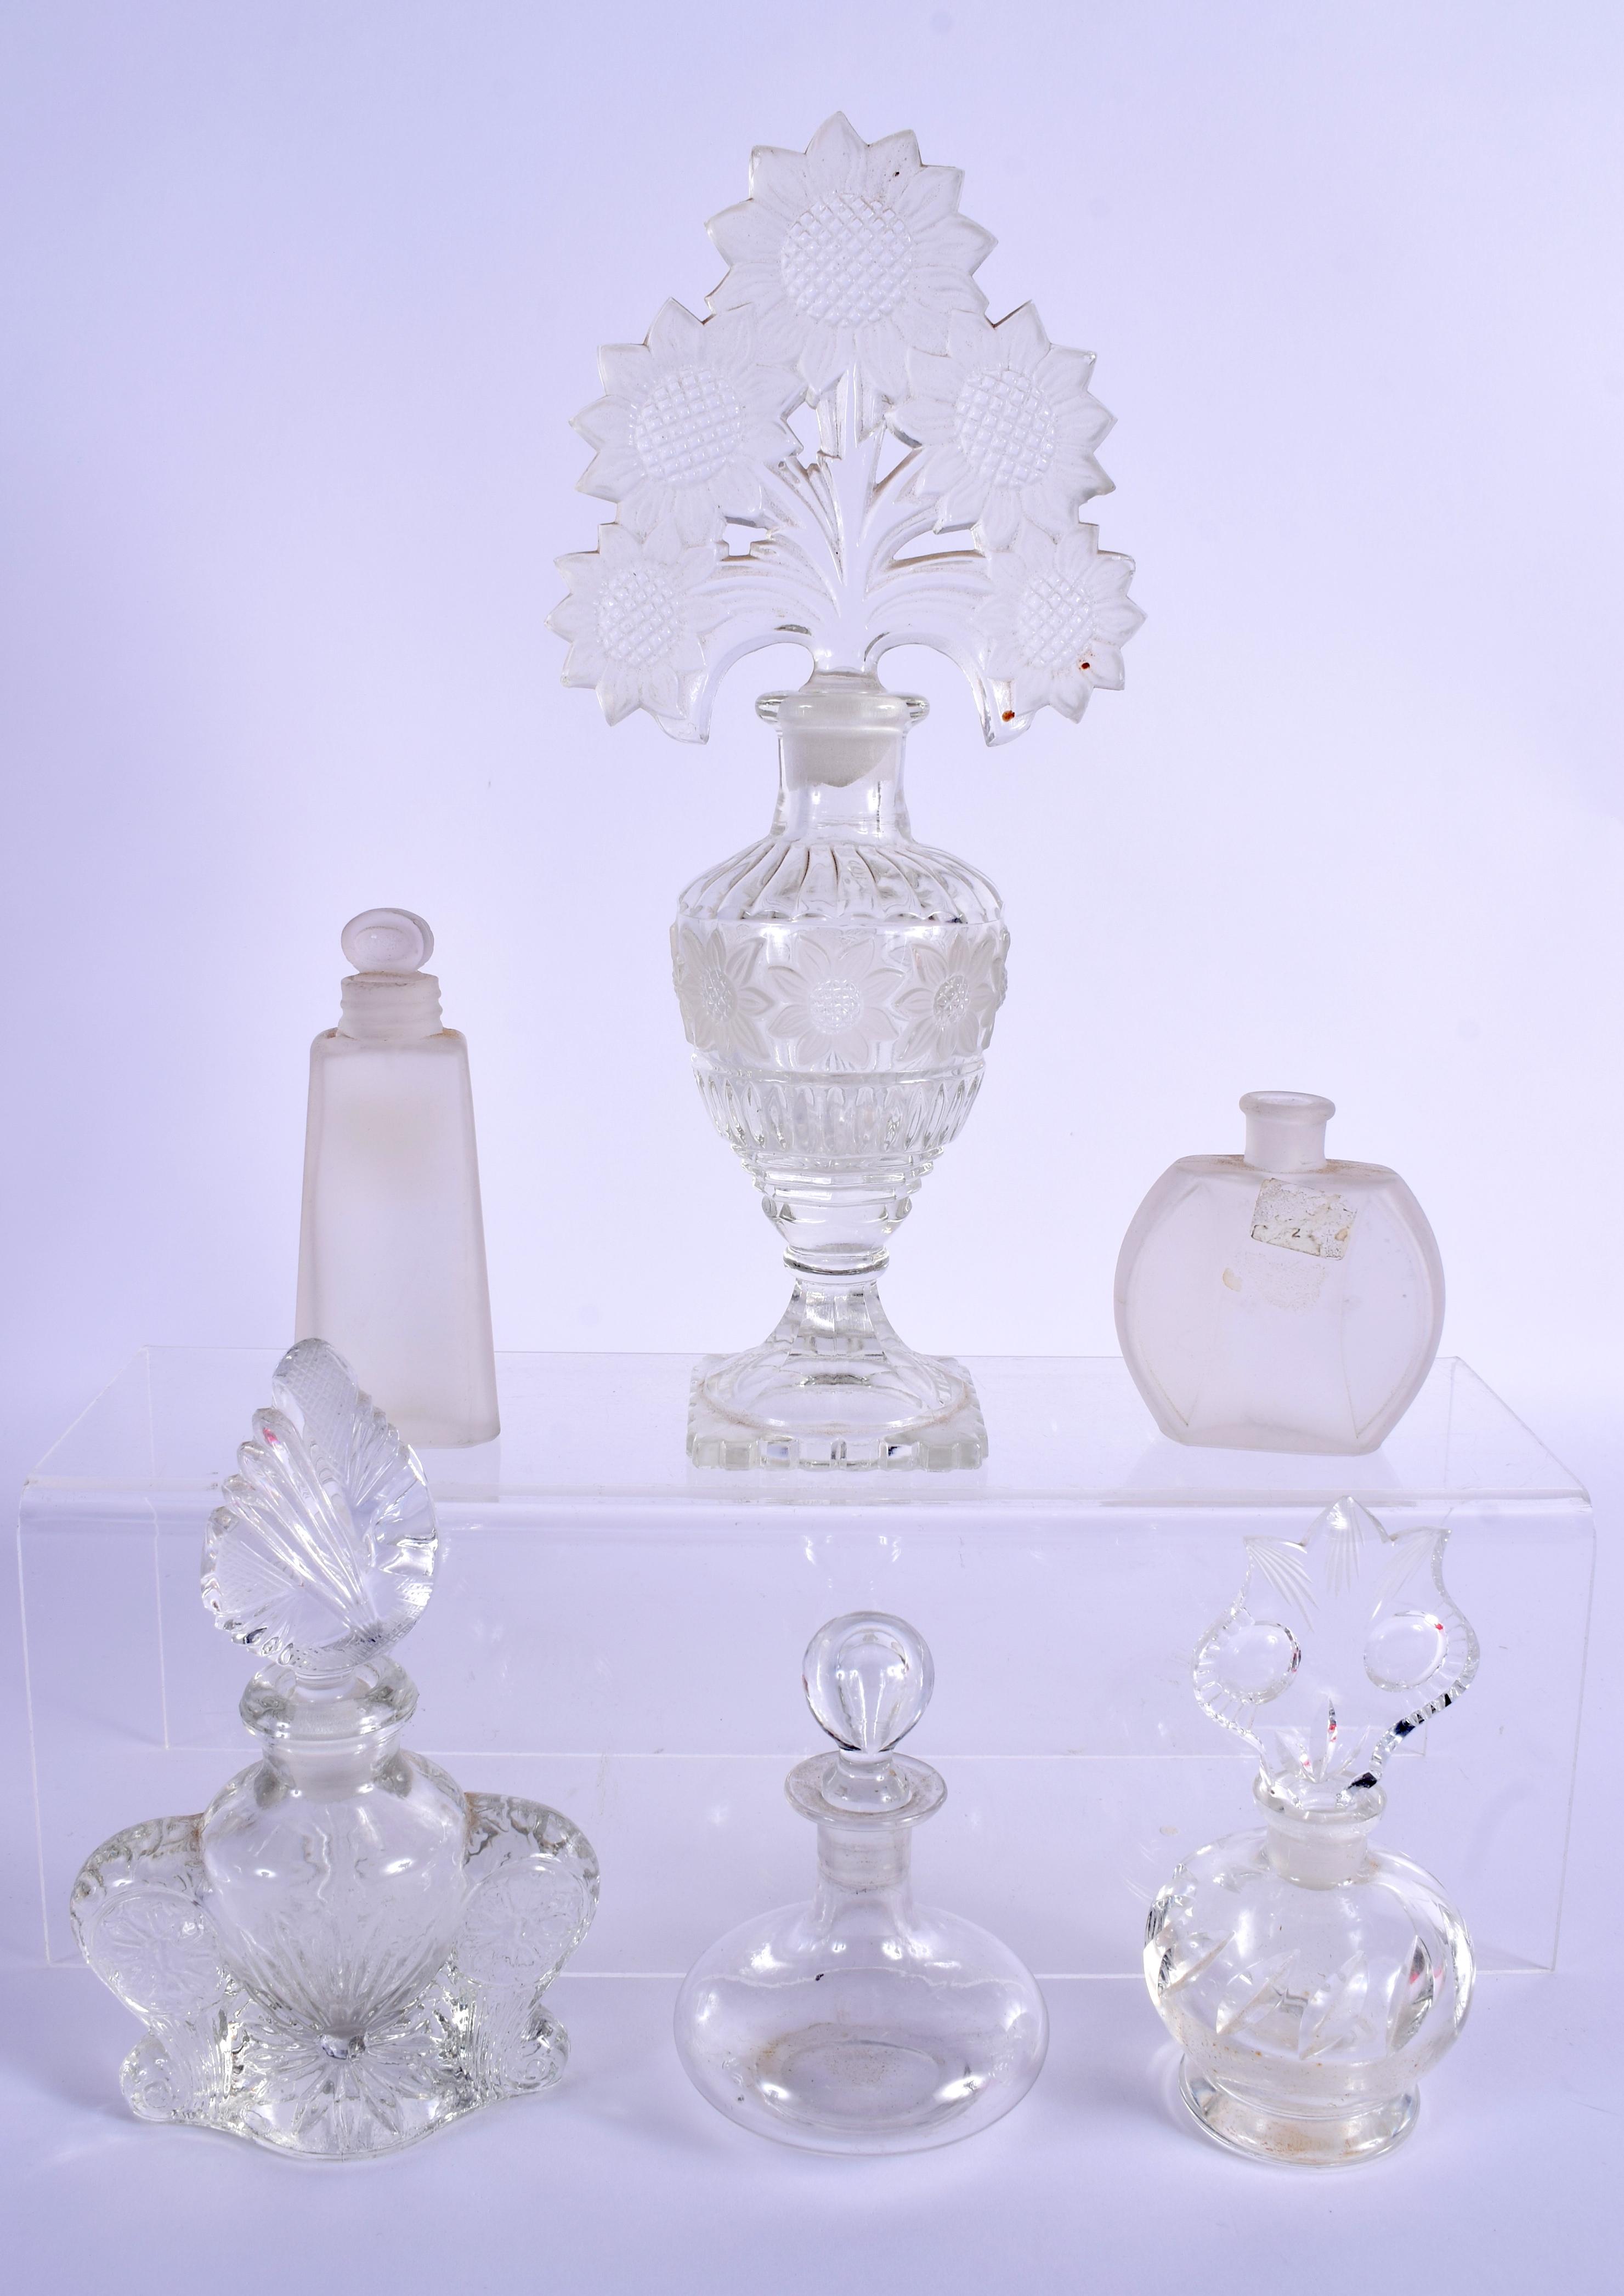 SIX ART DECO GLASS SCENT BOTTLES. Largest 15 cm high. (6)